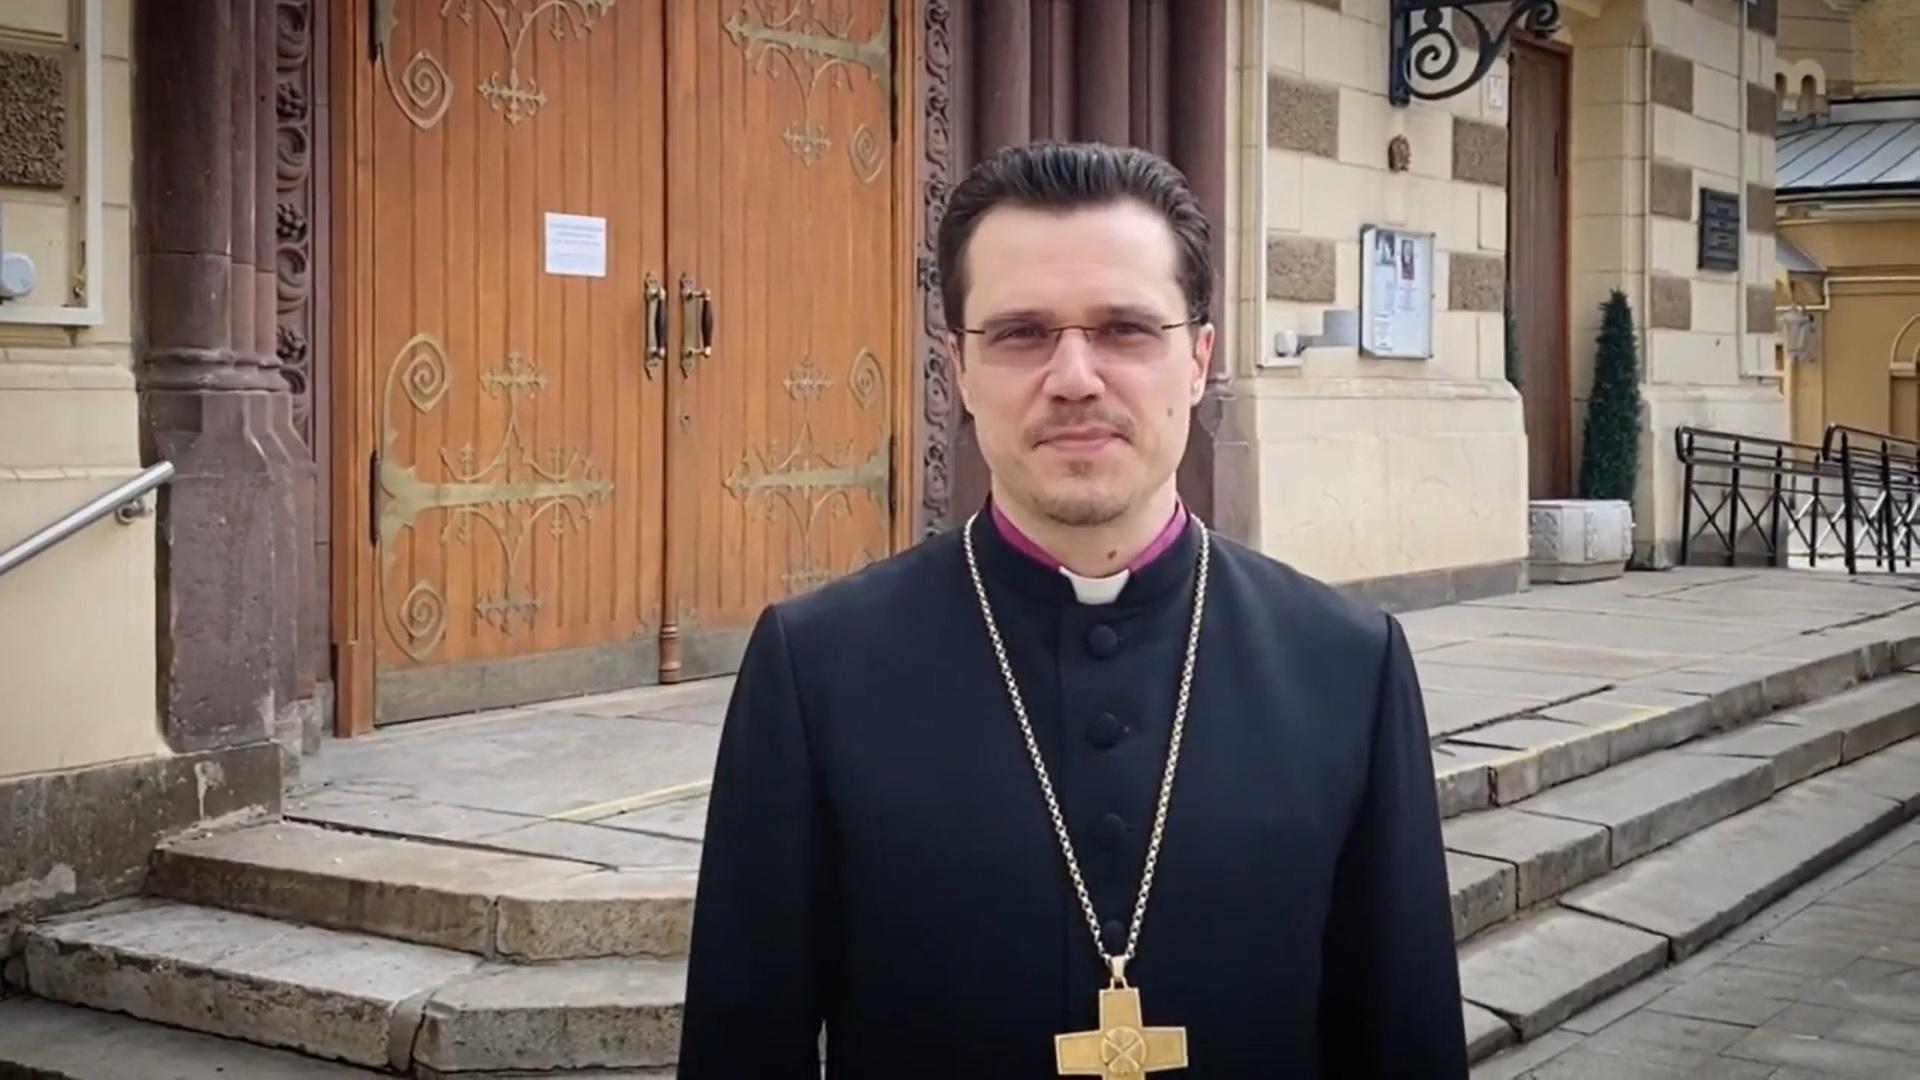 Архиепископ ЕЛЦ Дитрих Брауэр: Христос Воскрес   Пасха